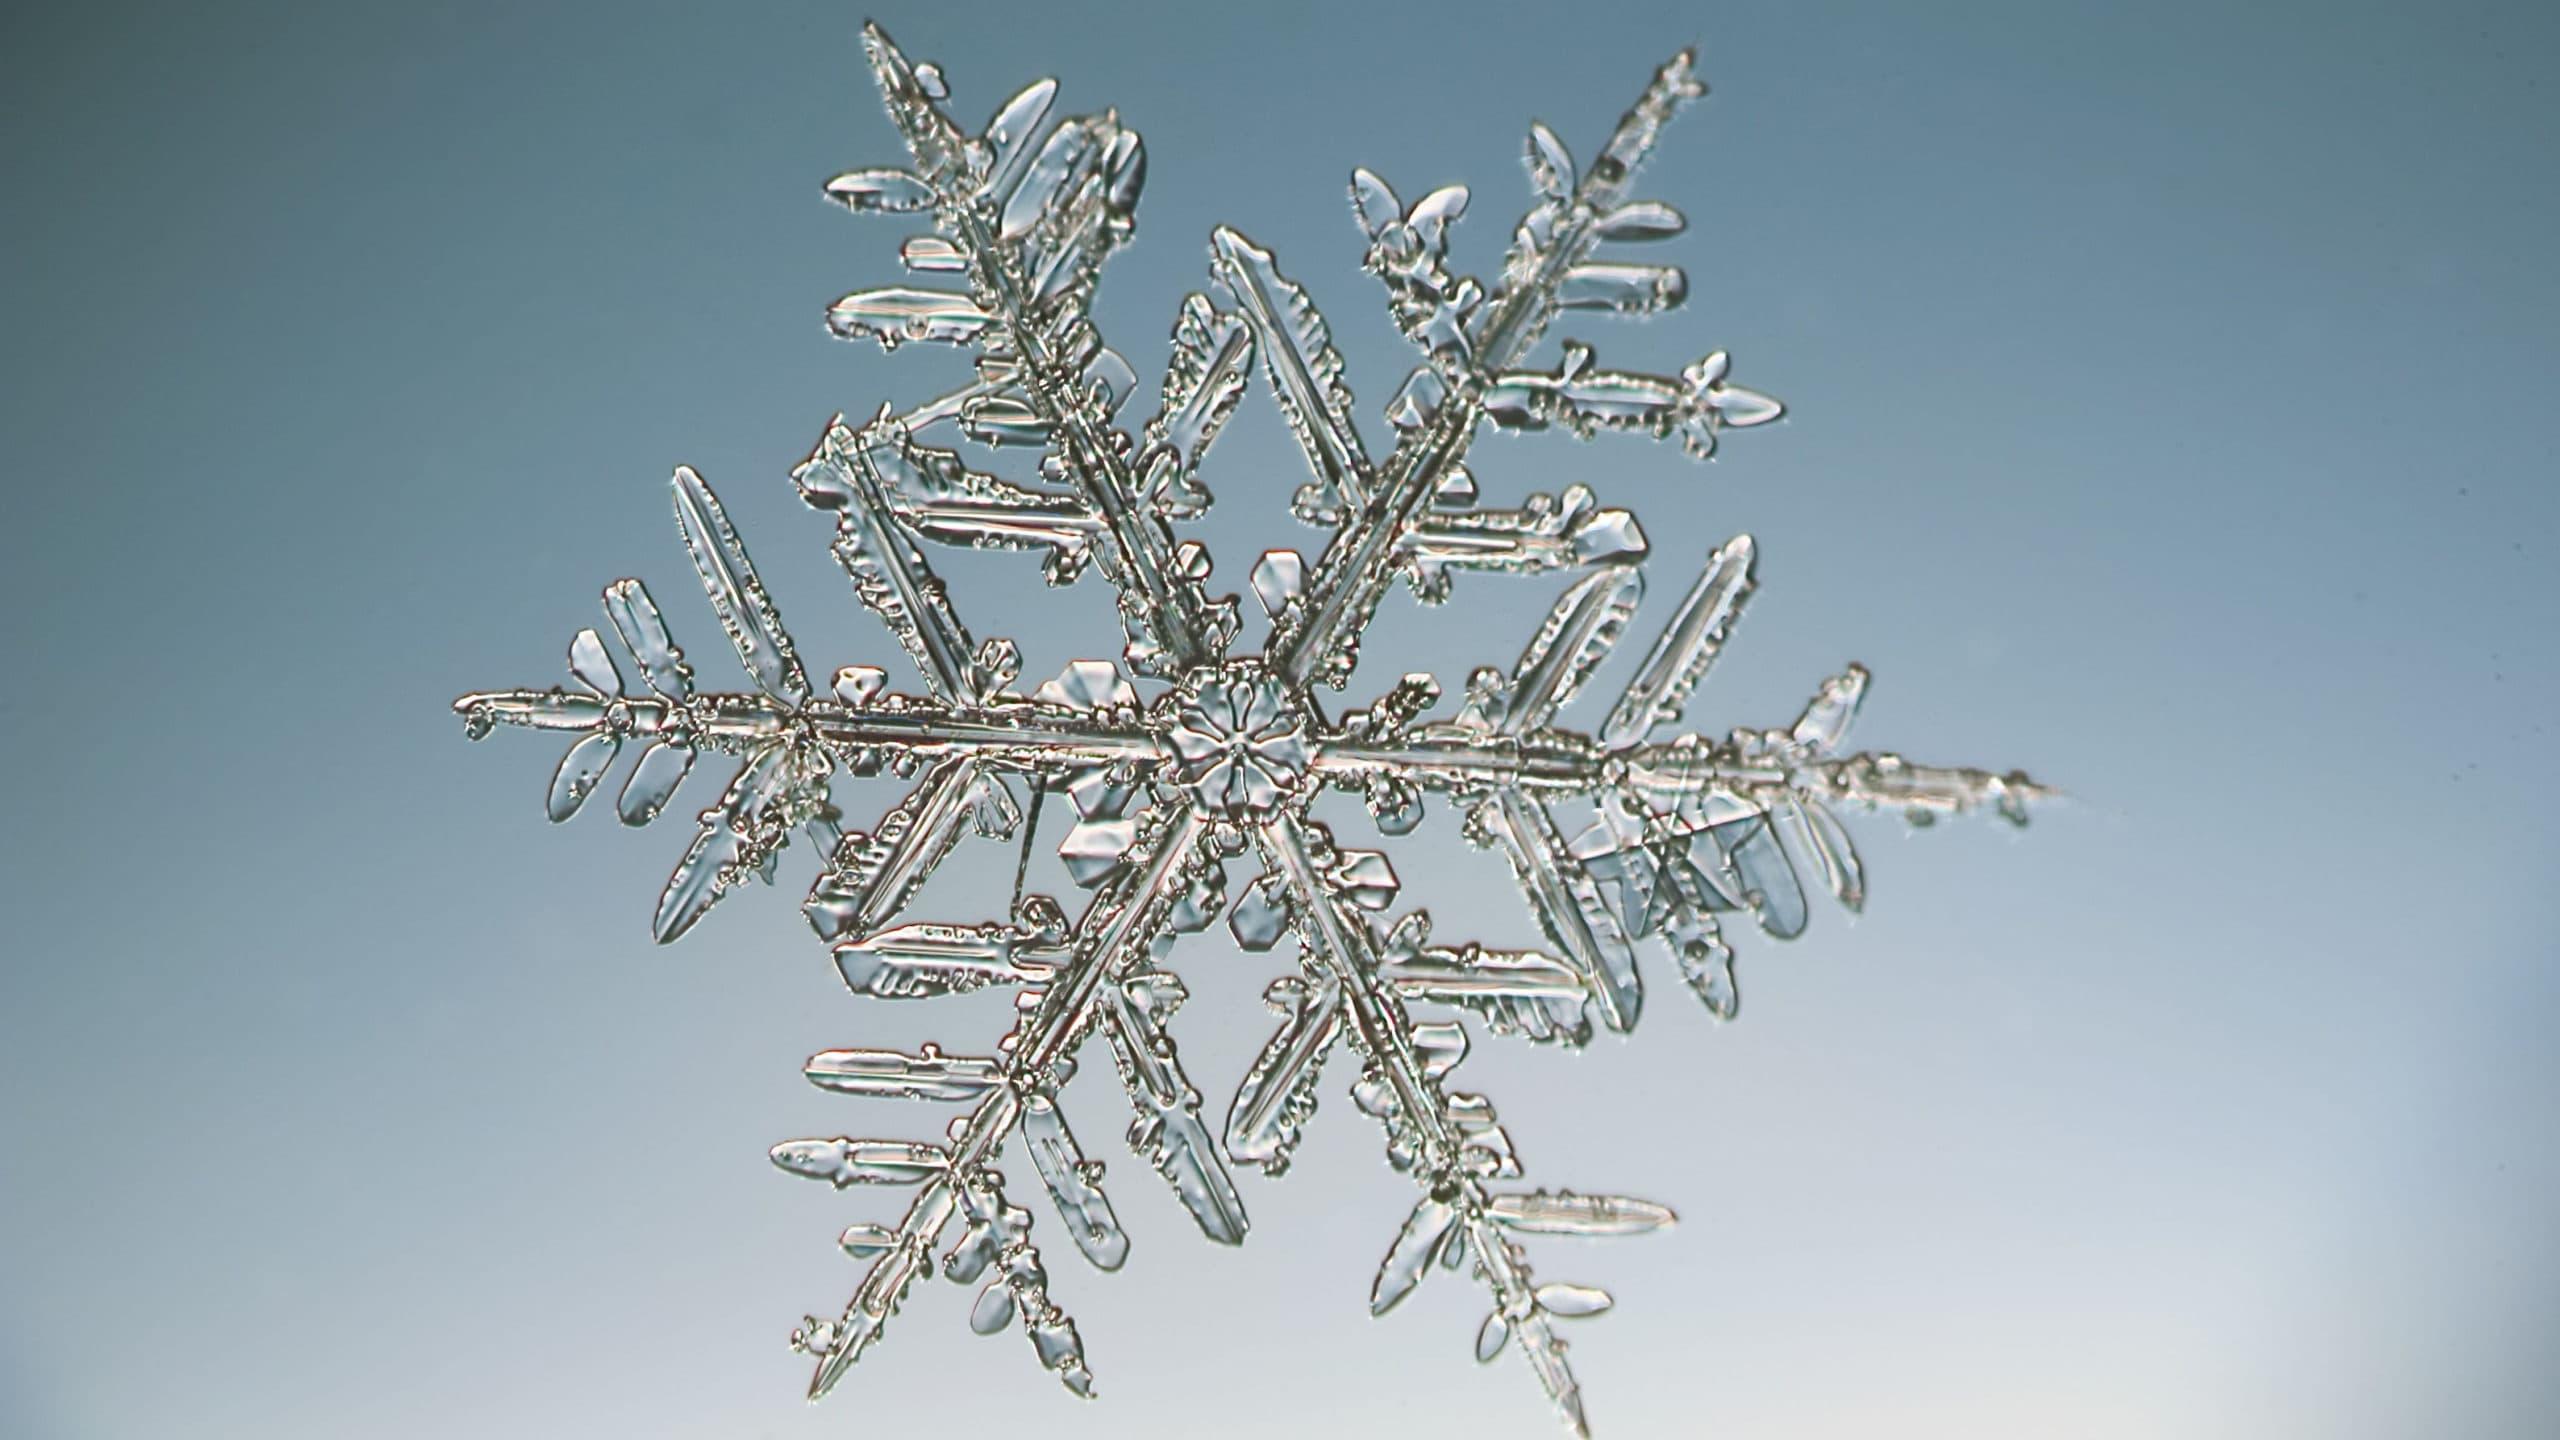 Снег: что это такое, как образуется, виды, как тает